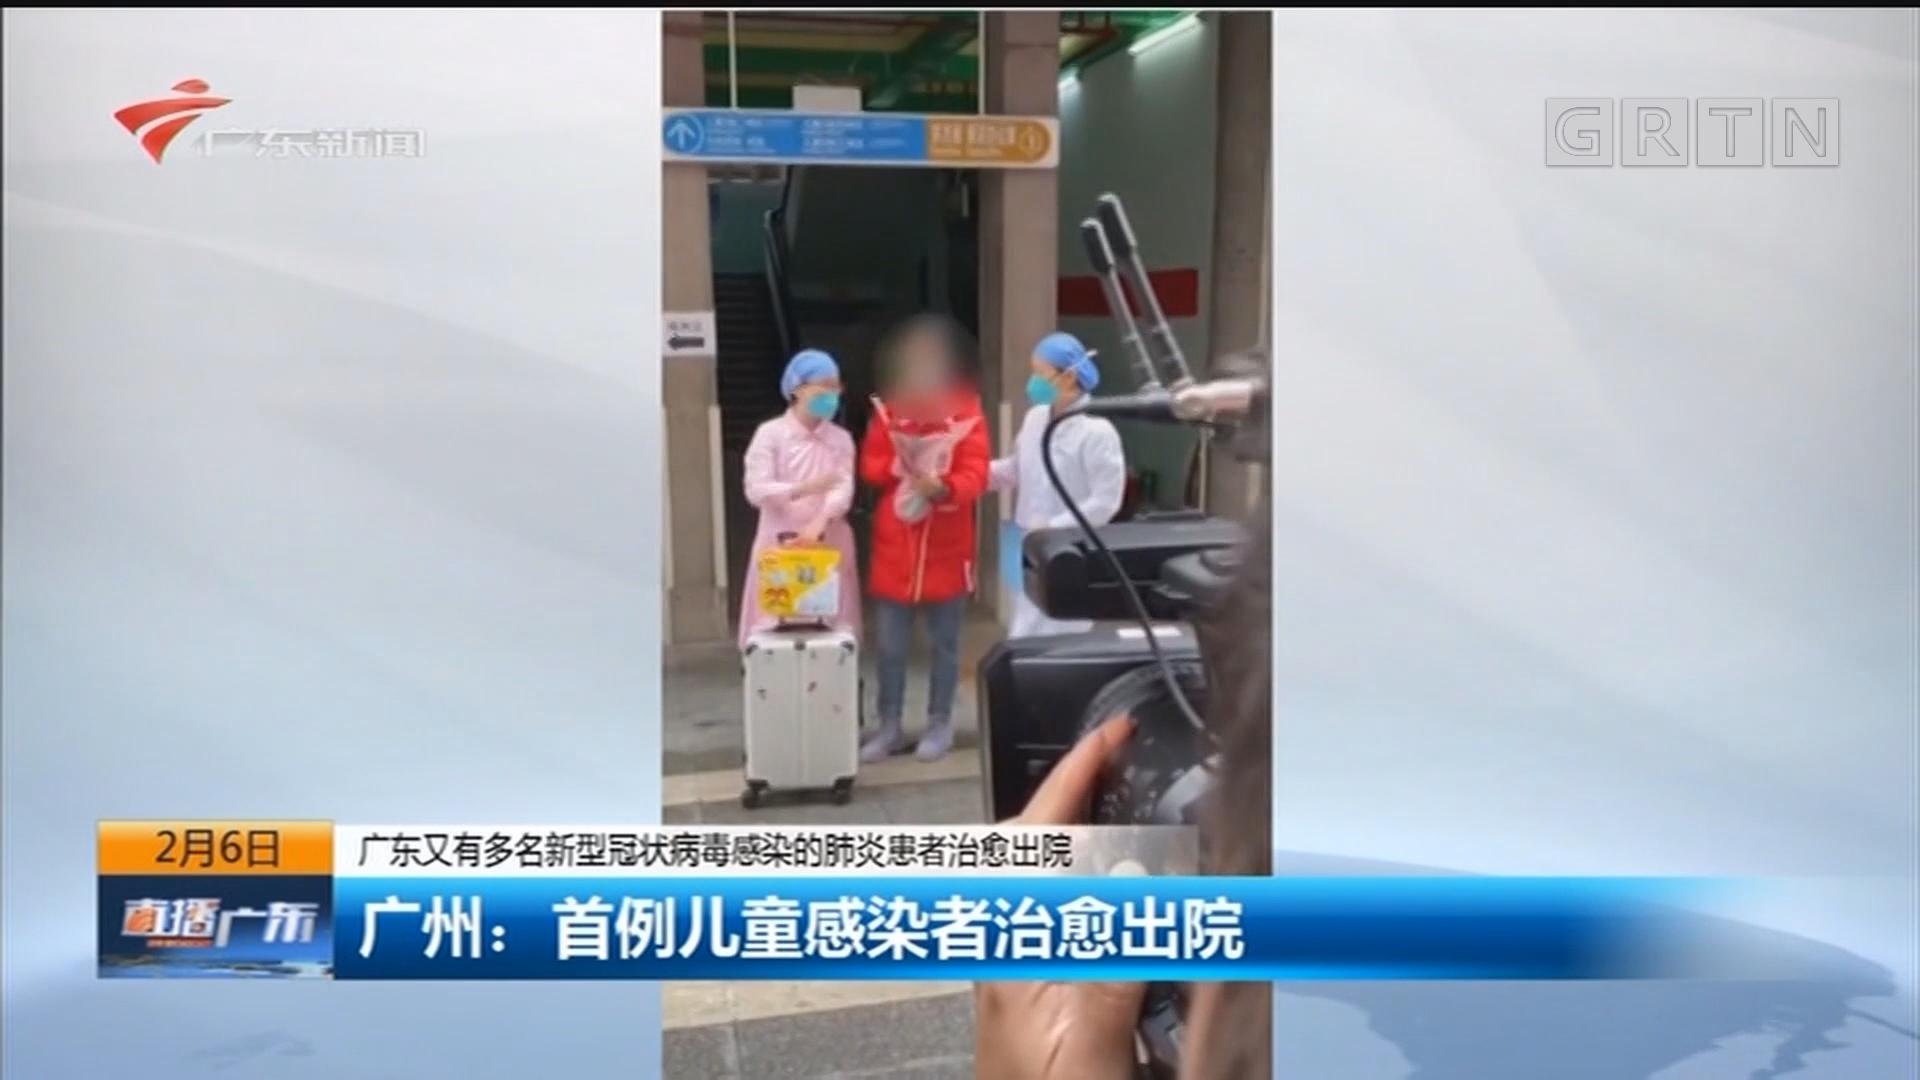 广东又有多名新型冠状病毒感染的肺炎患者治愈出院 广州:首例儿童感染者治愈出院